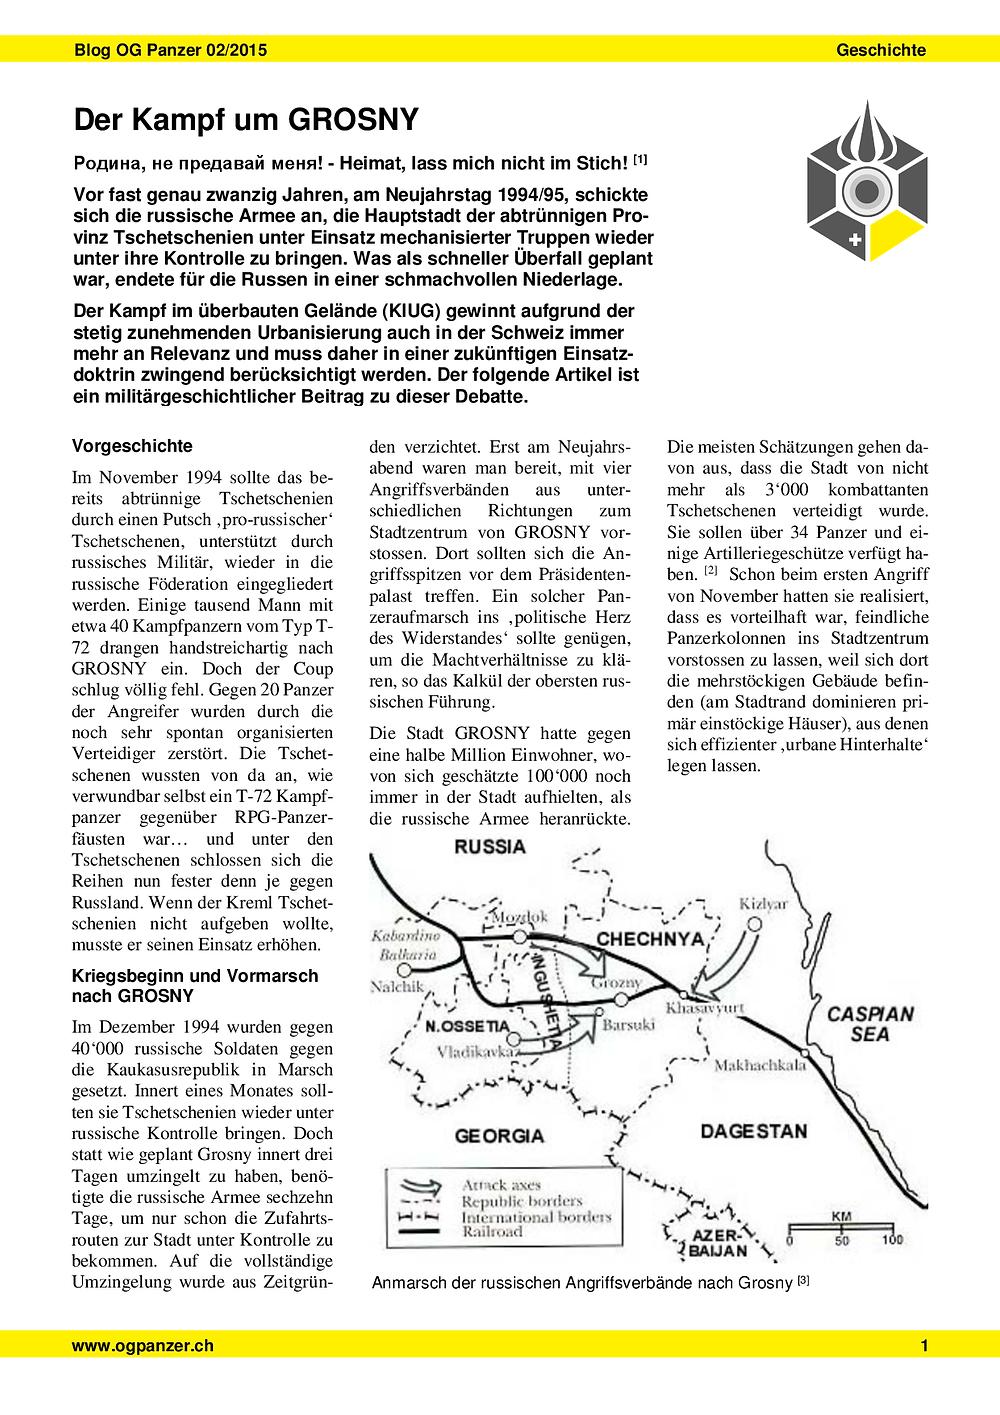 Blog_02_2015_Kampf_um_Grosny_1995.png